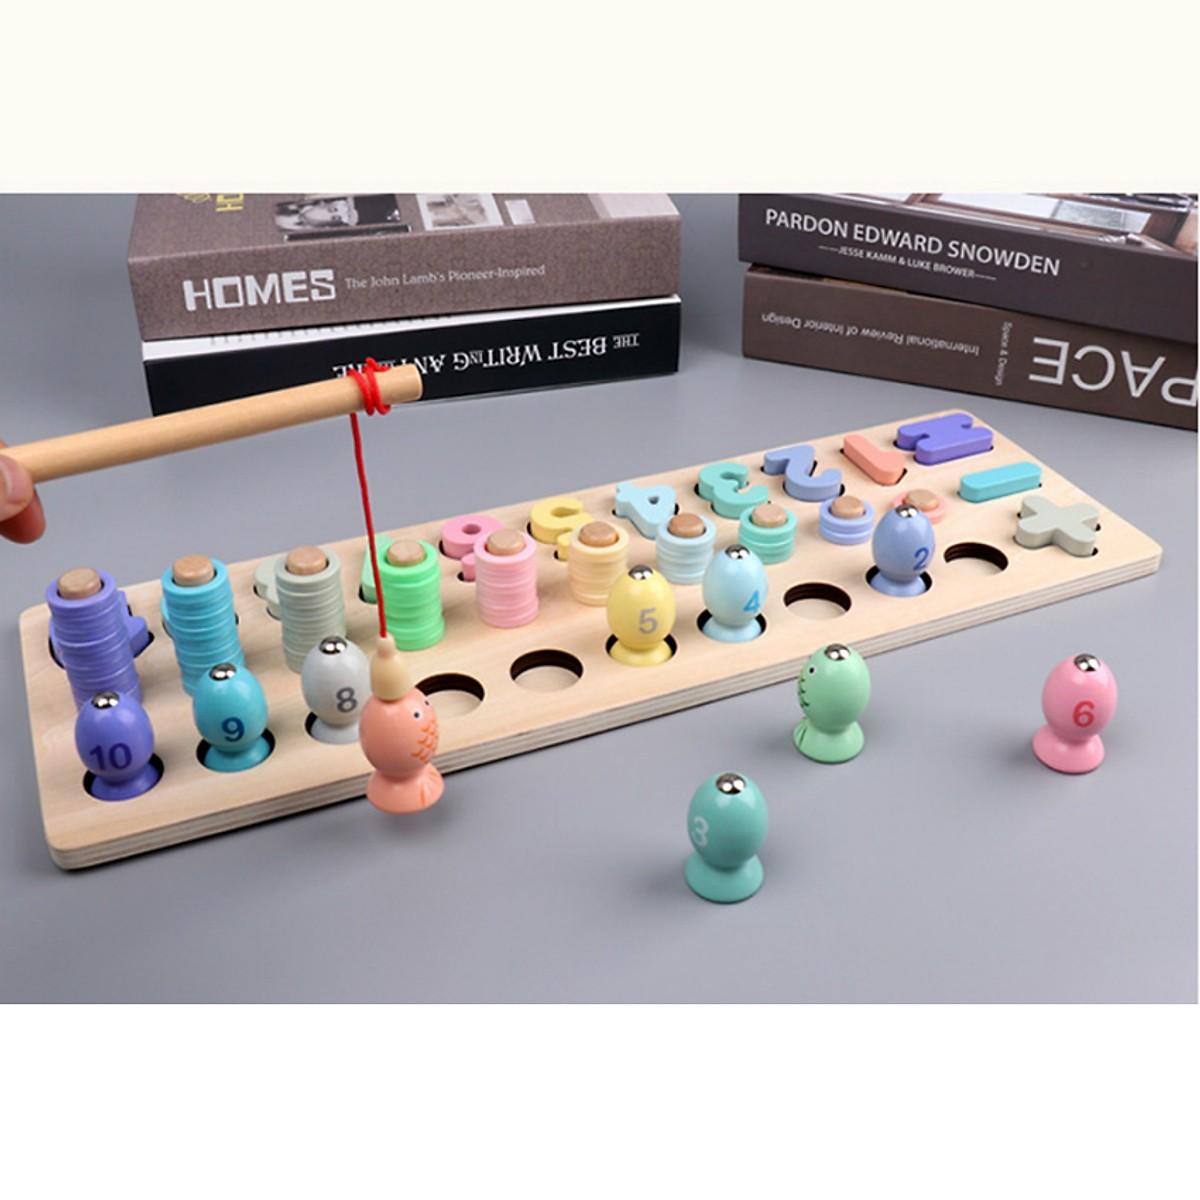 Đồ chơi trí tuệ - Đồ chơi giáo dục - Giáo cụ Montessori bằng gỗ MK003